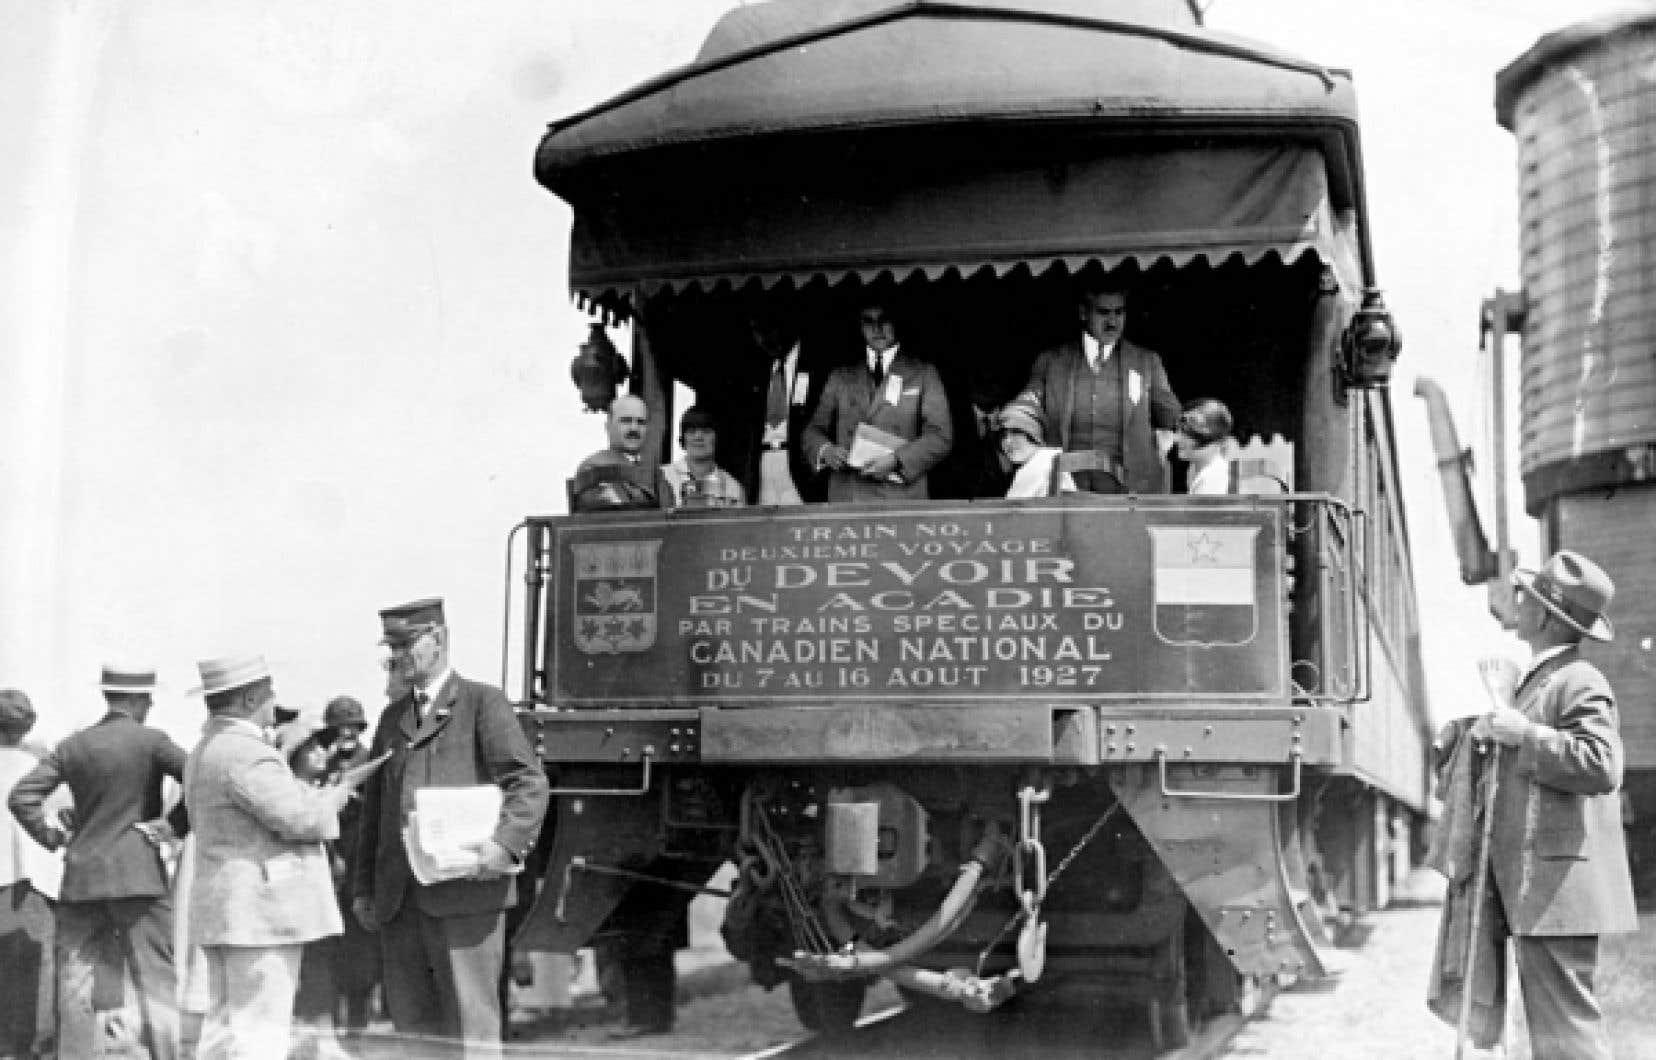 Bourassa et les amis du Devoir organisent des «pèlerinages» en Acadie, en Ontario, dans l'Ouest canadien et même en Nouvelle-Angleterre.